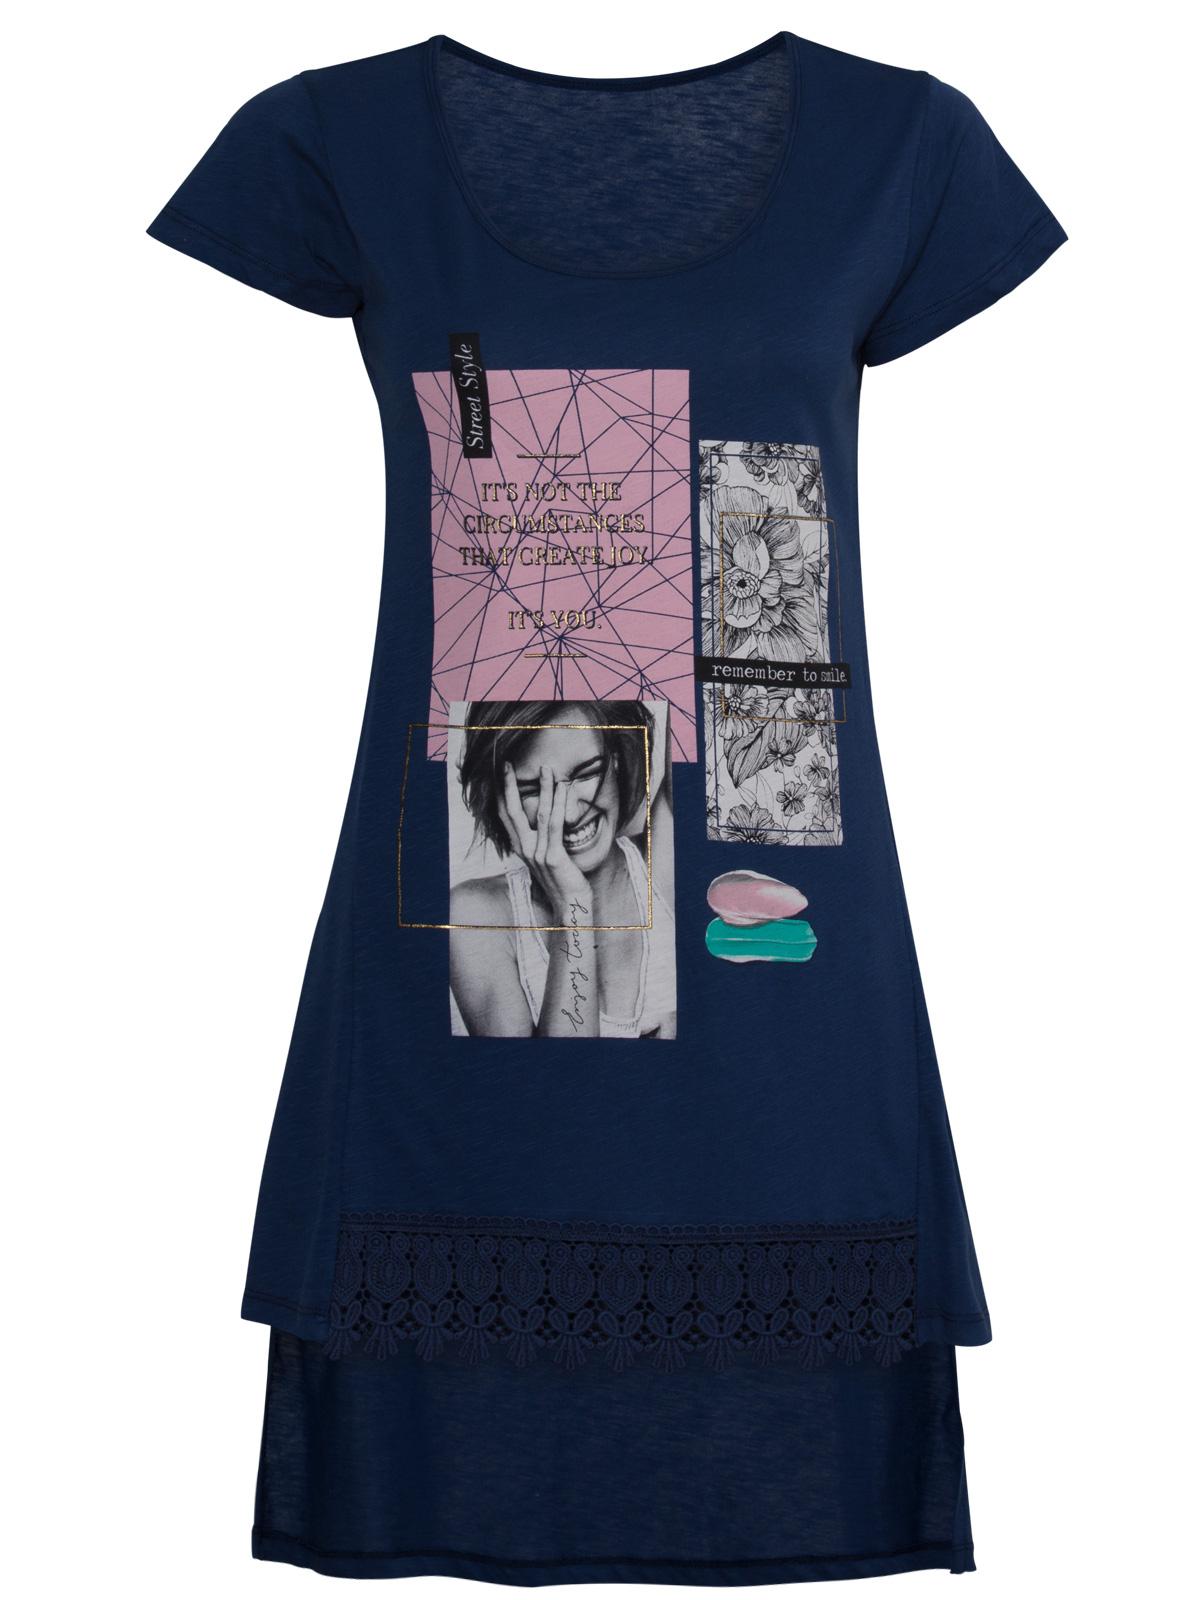 Γυναικείο Μακρύ T-Shirt με Δαντέλα και Τύπωμα γυναικεία   μπλούζες   κοντομάνικα   tops